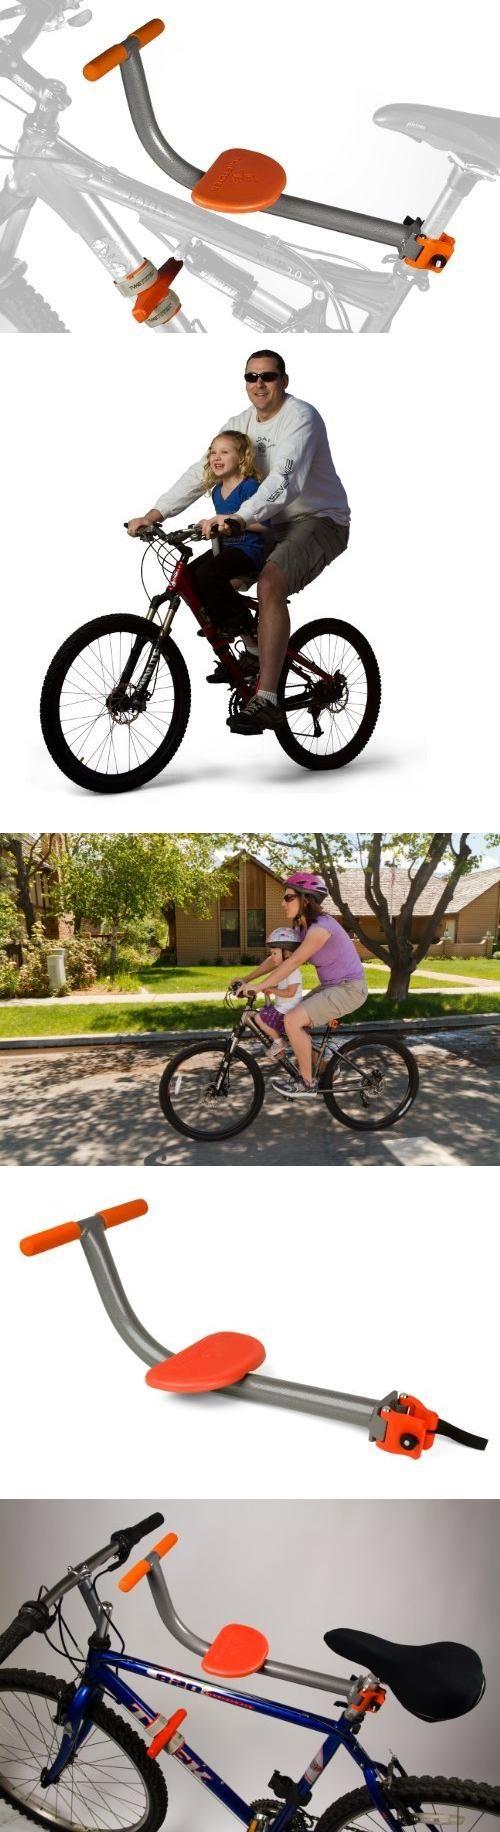 TYKE TOTER es un revolucionario concepto de silla de niño para la bicicleta.